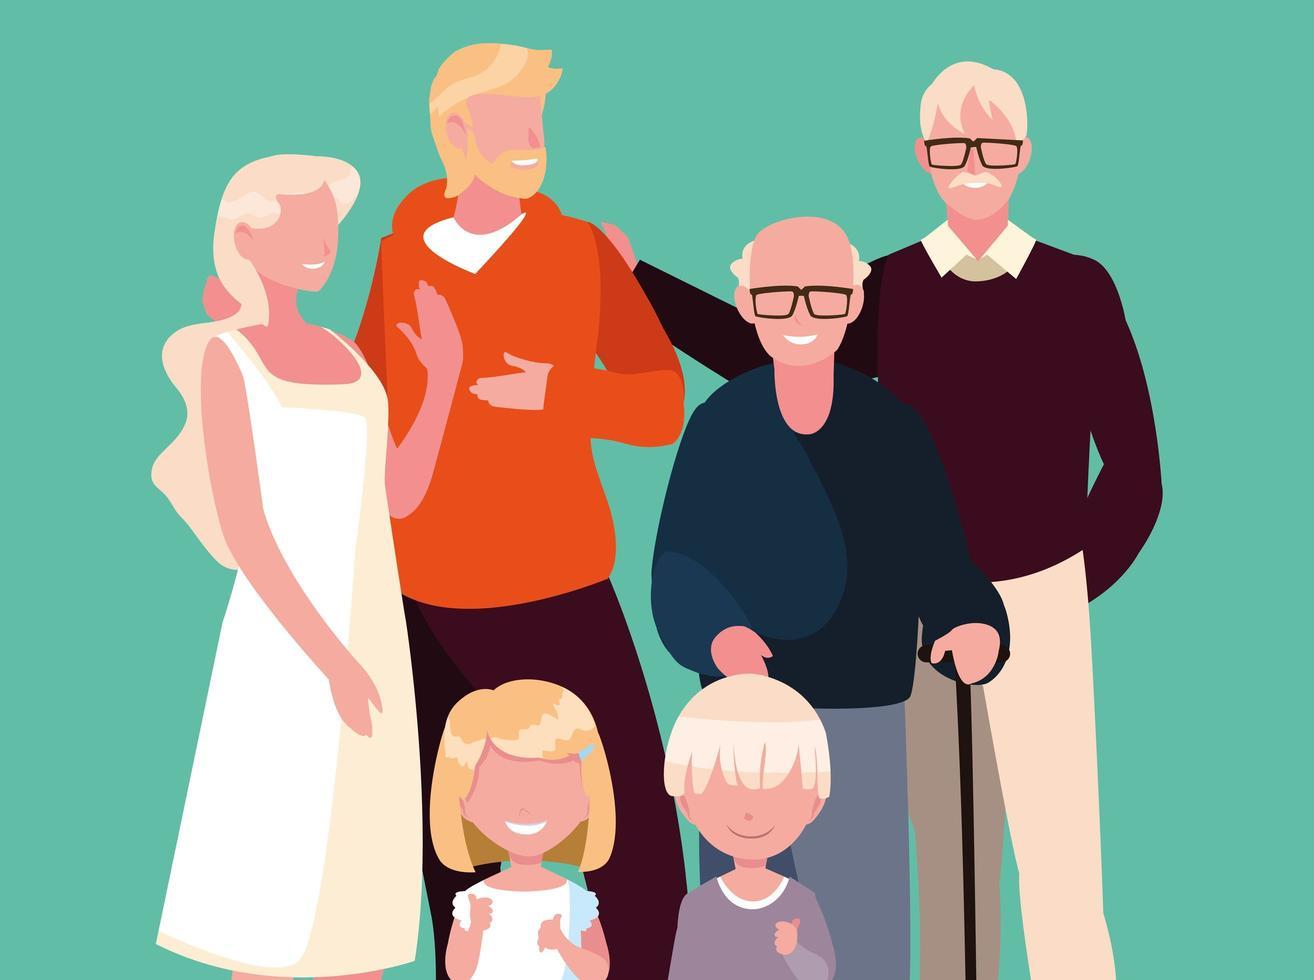 cute family members avatar character vector